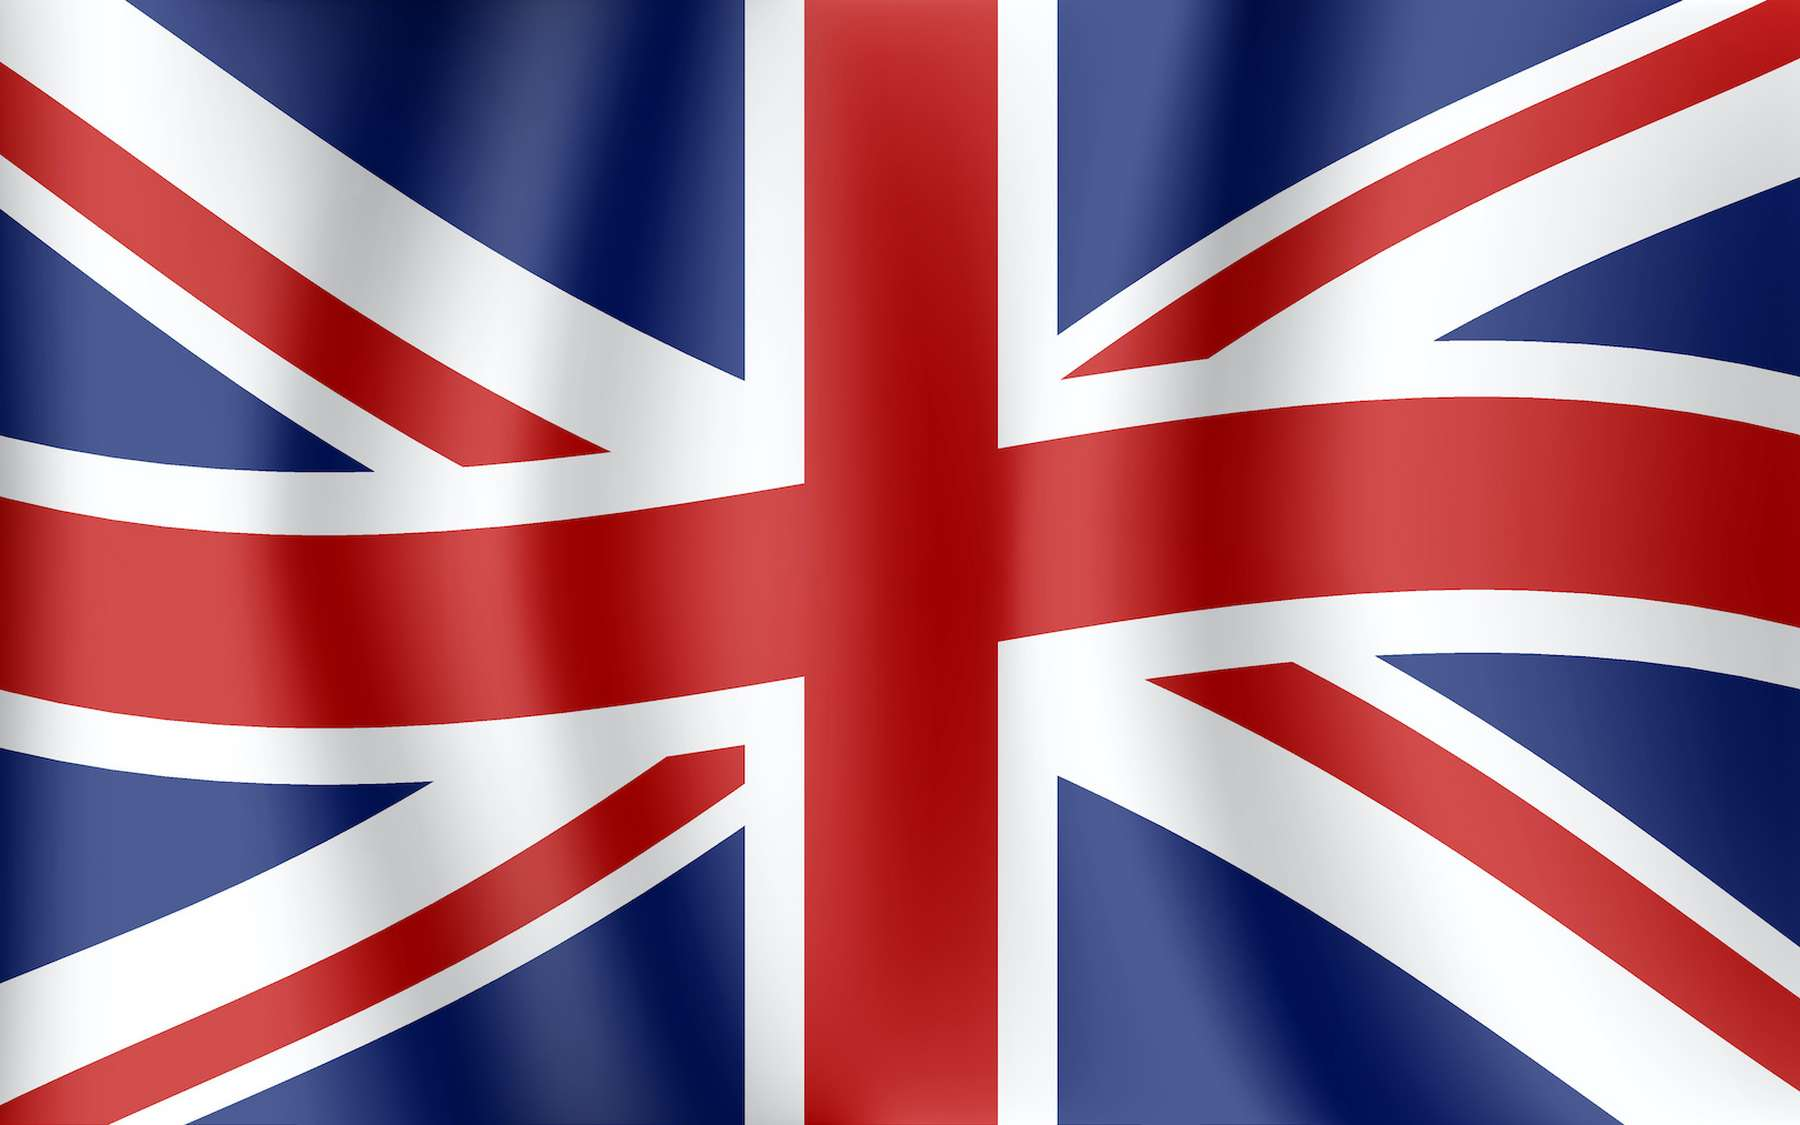 Le drapeau britannique (Union Jack) est un mélange du drapeau écossais, de l'Irlande du Nord et de l'Angleterre). © lidiia, Adobe Stock